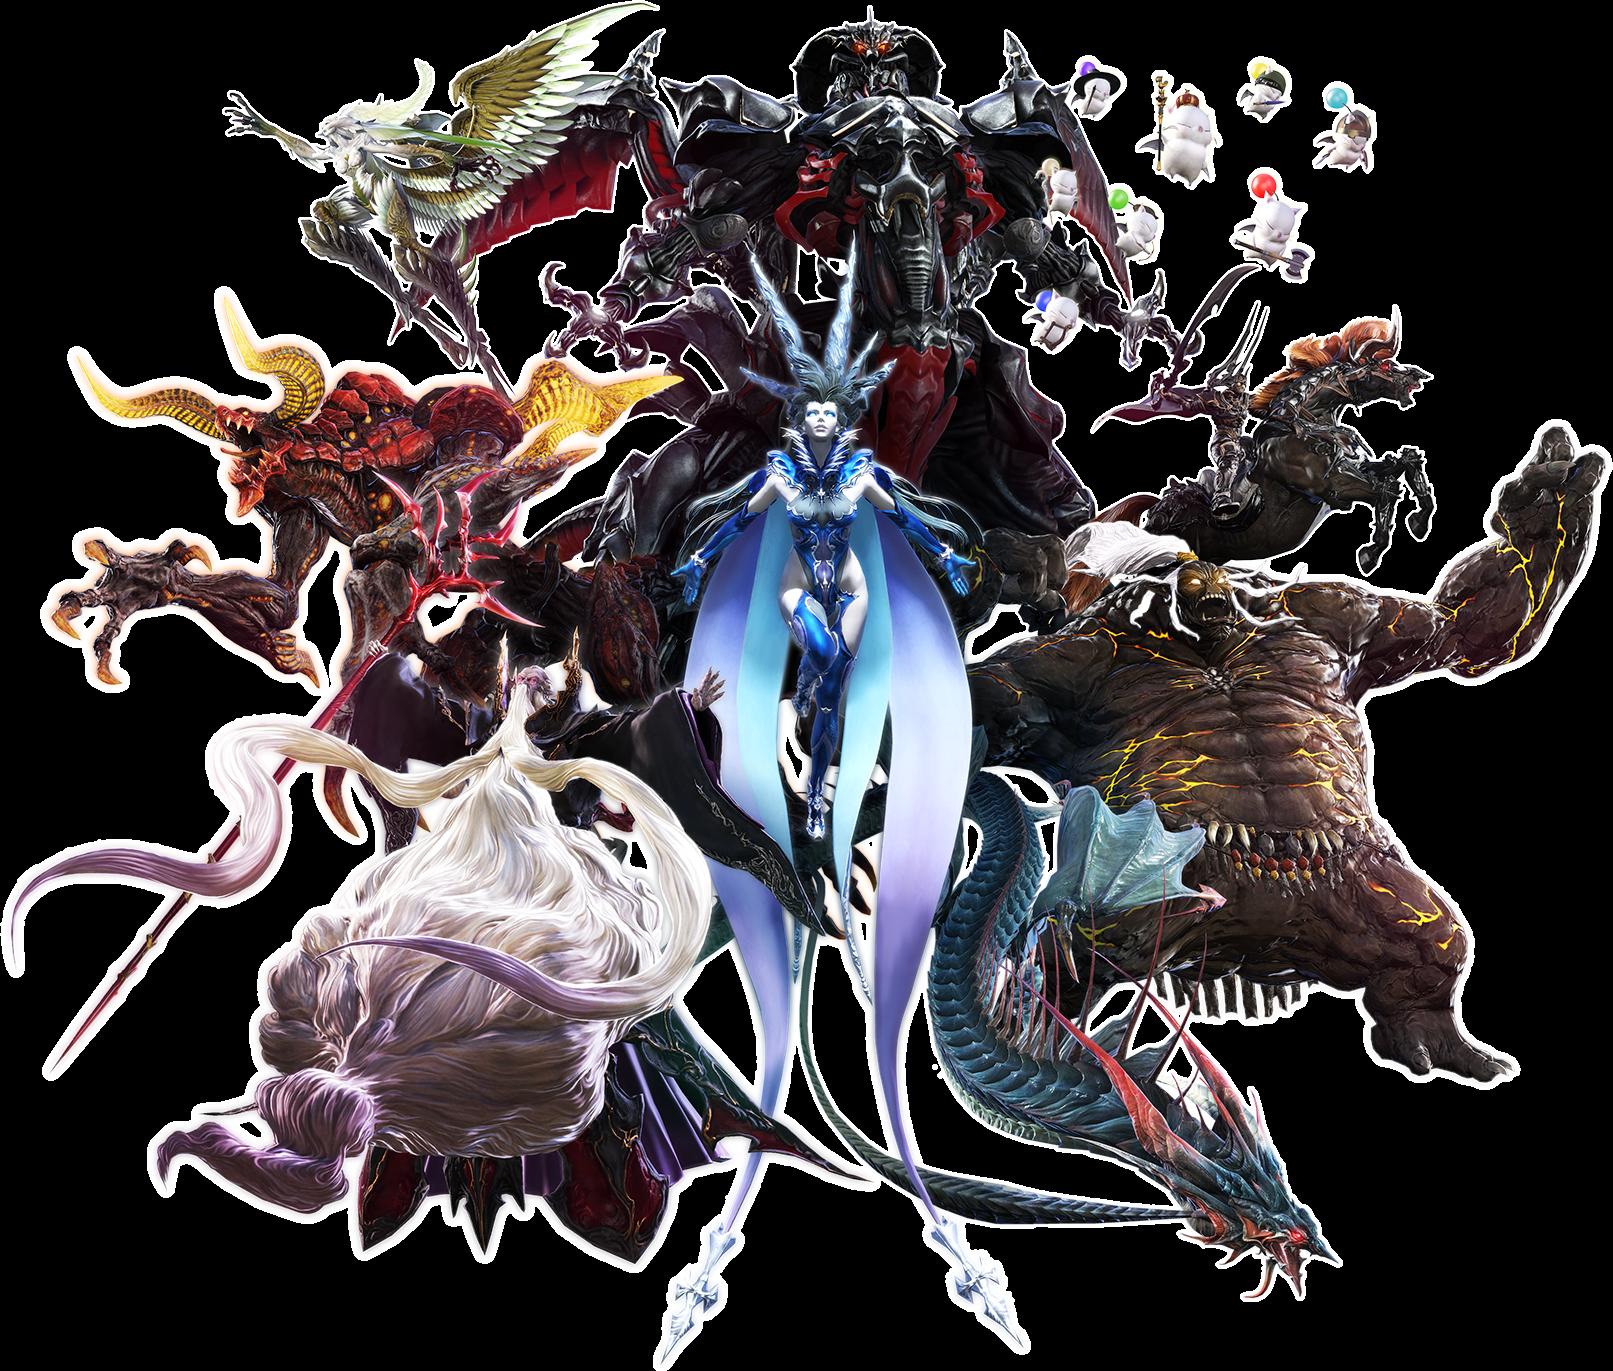 Primal | Final Fantasy Wiki | FANDOM powered by Wikia